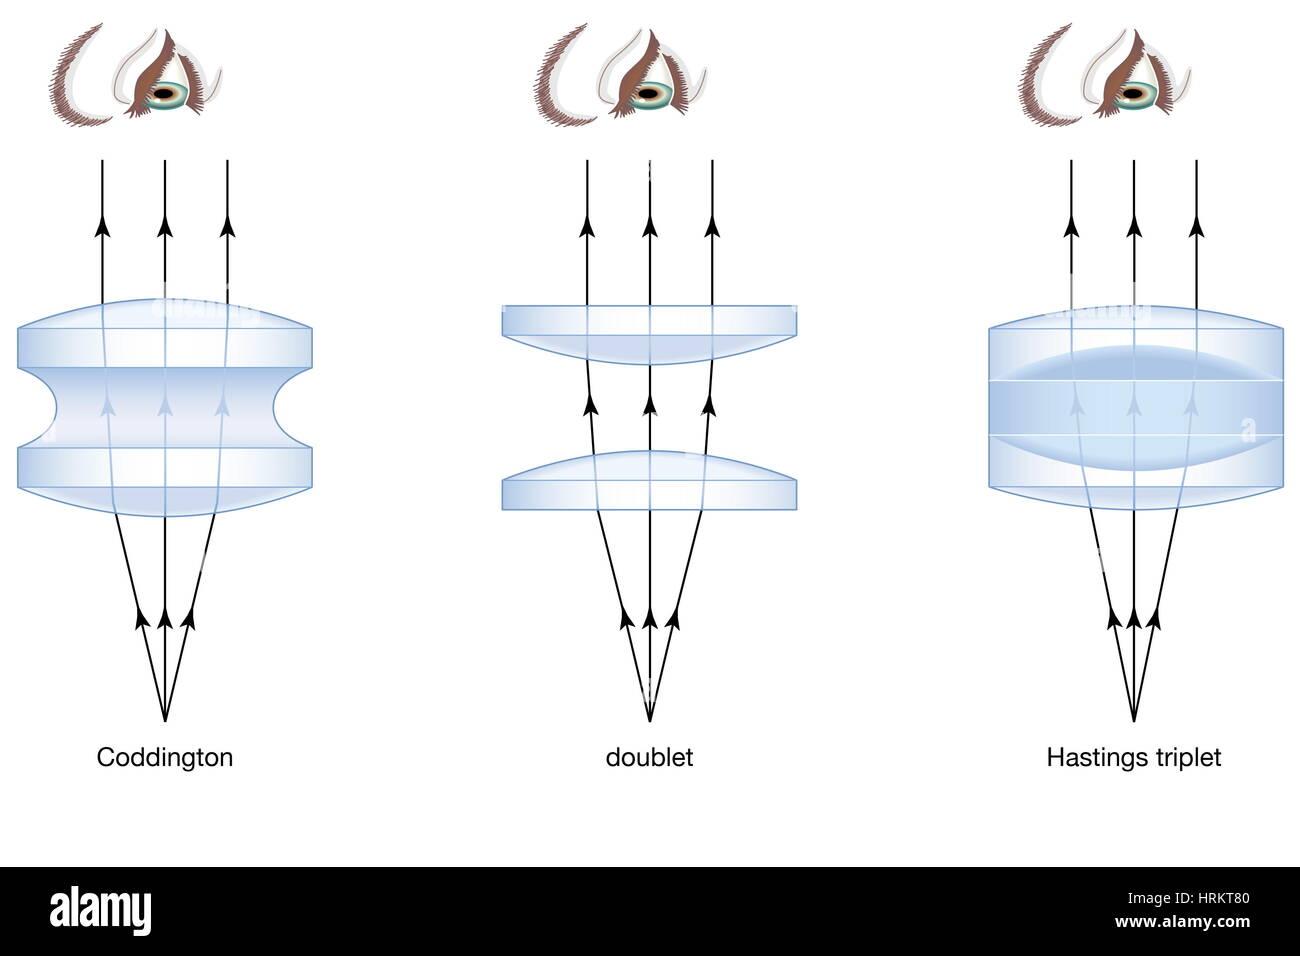 Tre forme di lenti di ingrandimento, doppietto, Coddington, Hastings tripletta, microscopio microscopia Immagini Stock